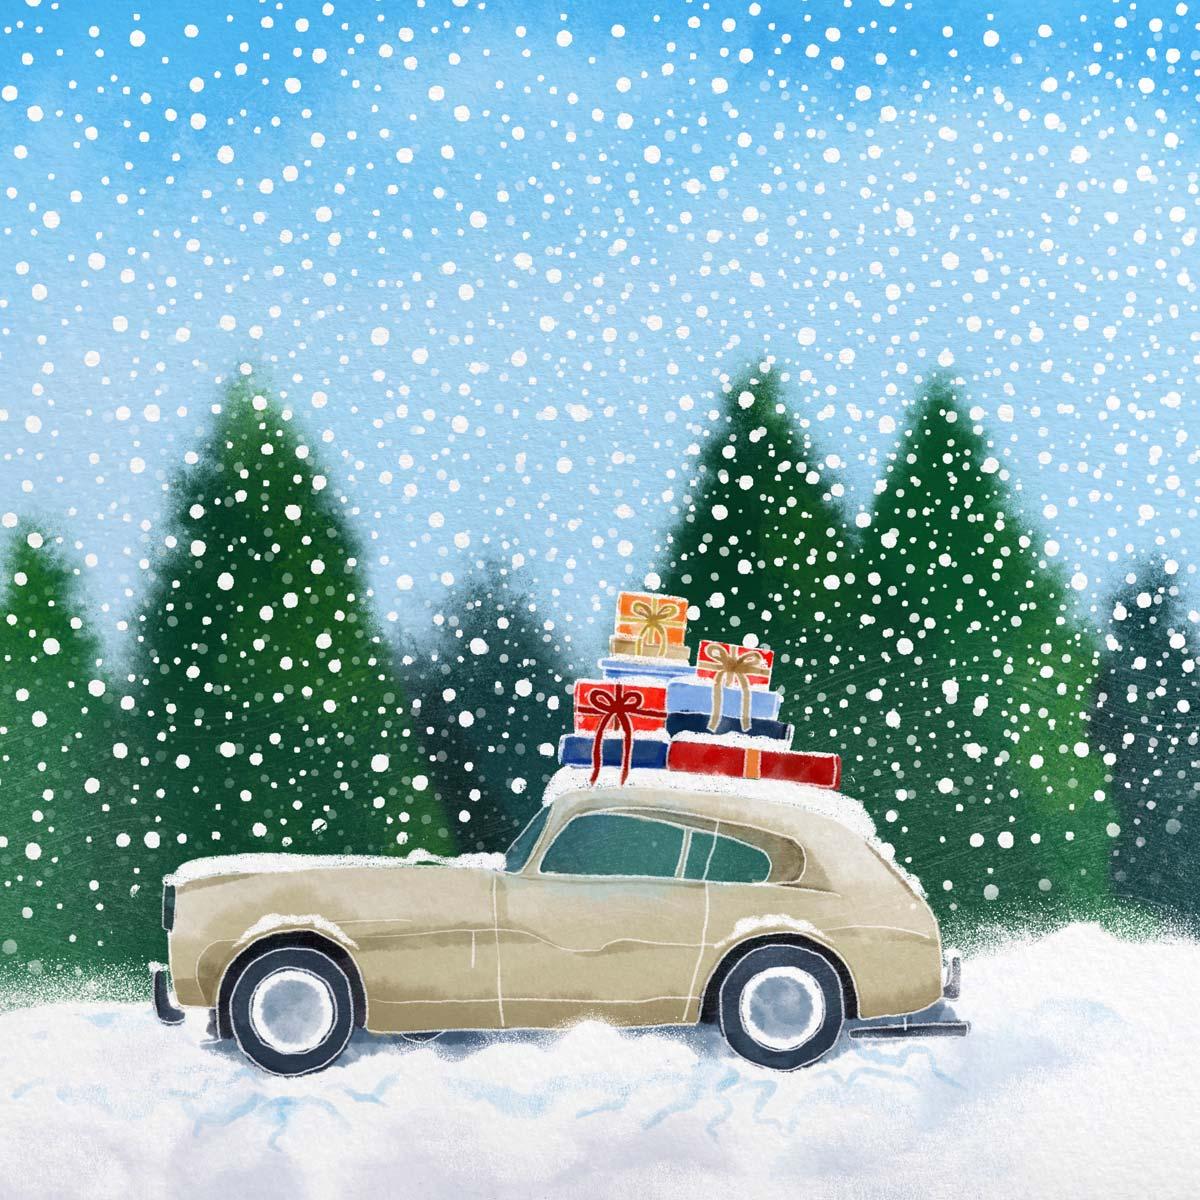 Snowy-Car2